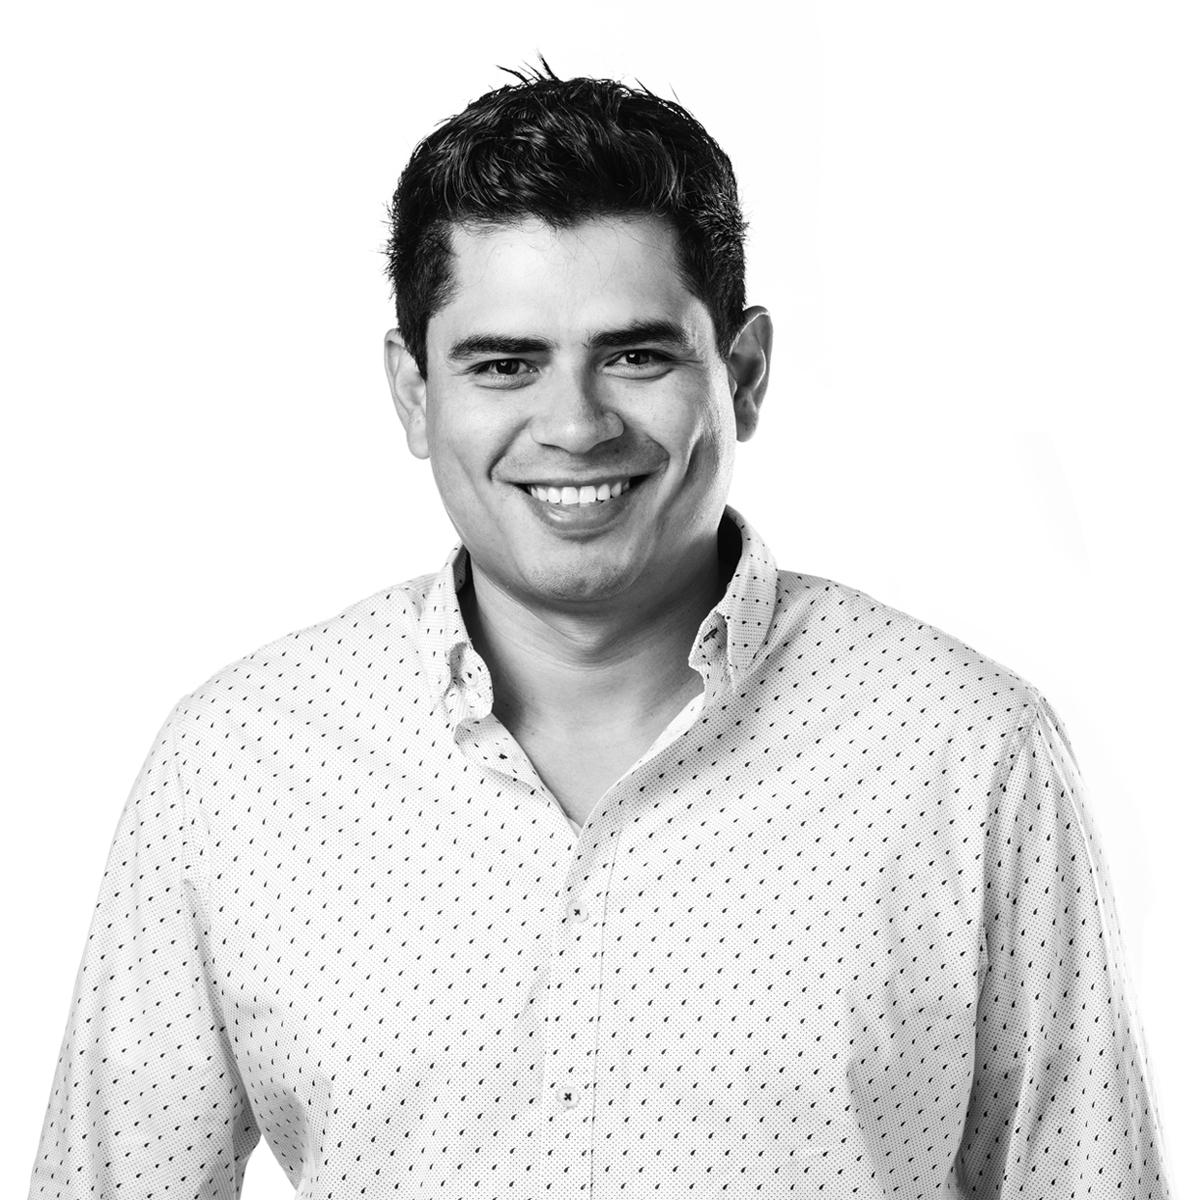 Javier Centeno